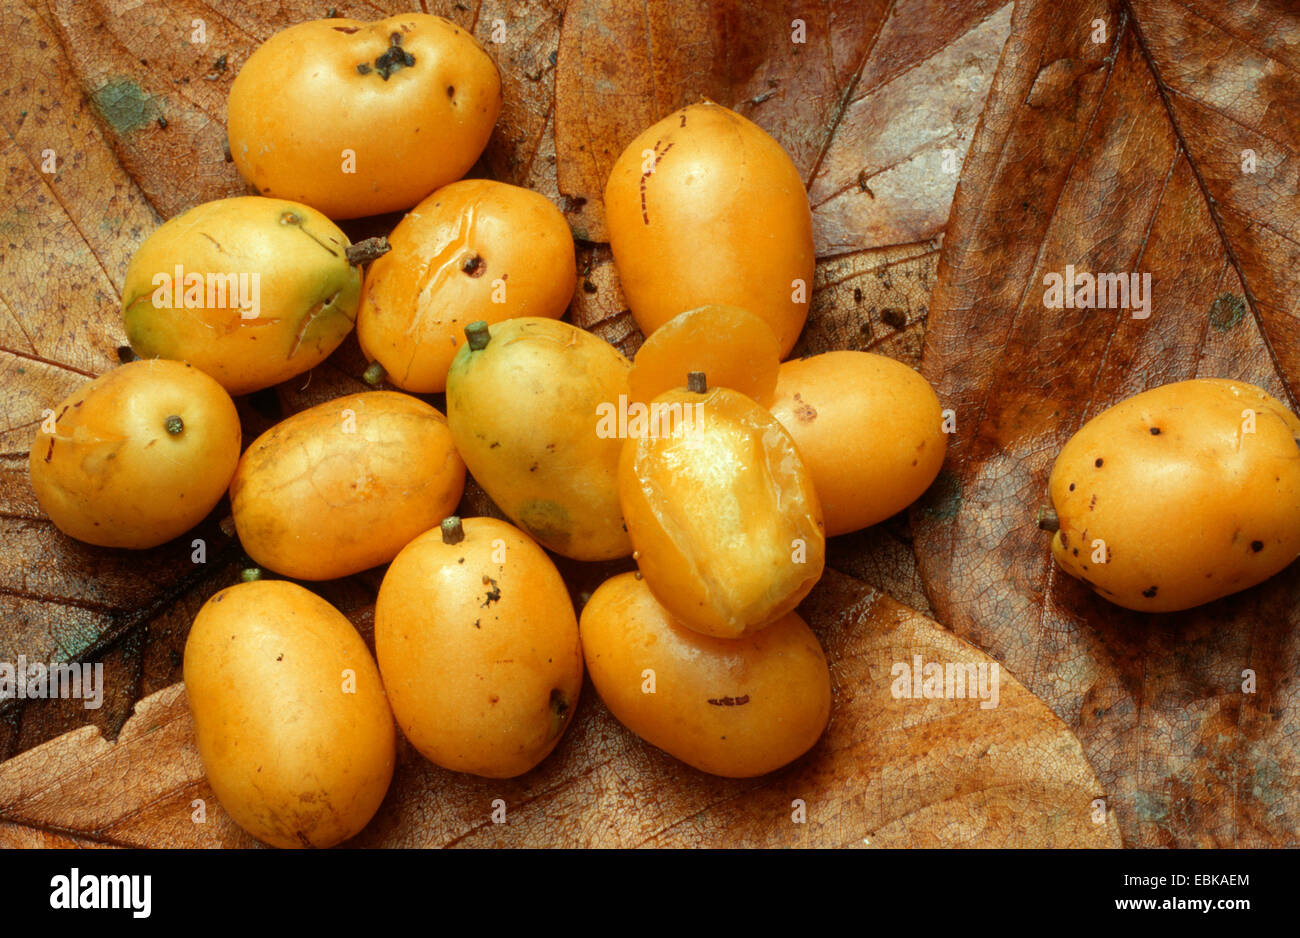 hog plum stock photos u0026 hog plum stock images alamy